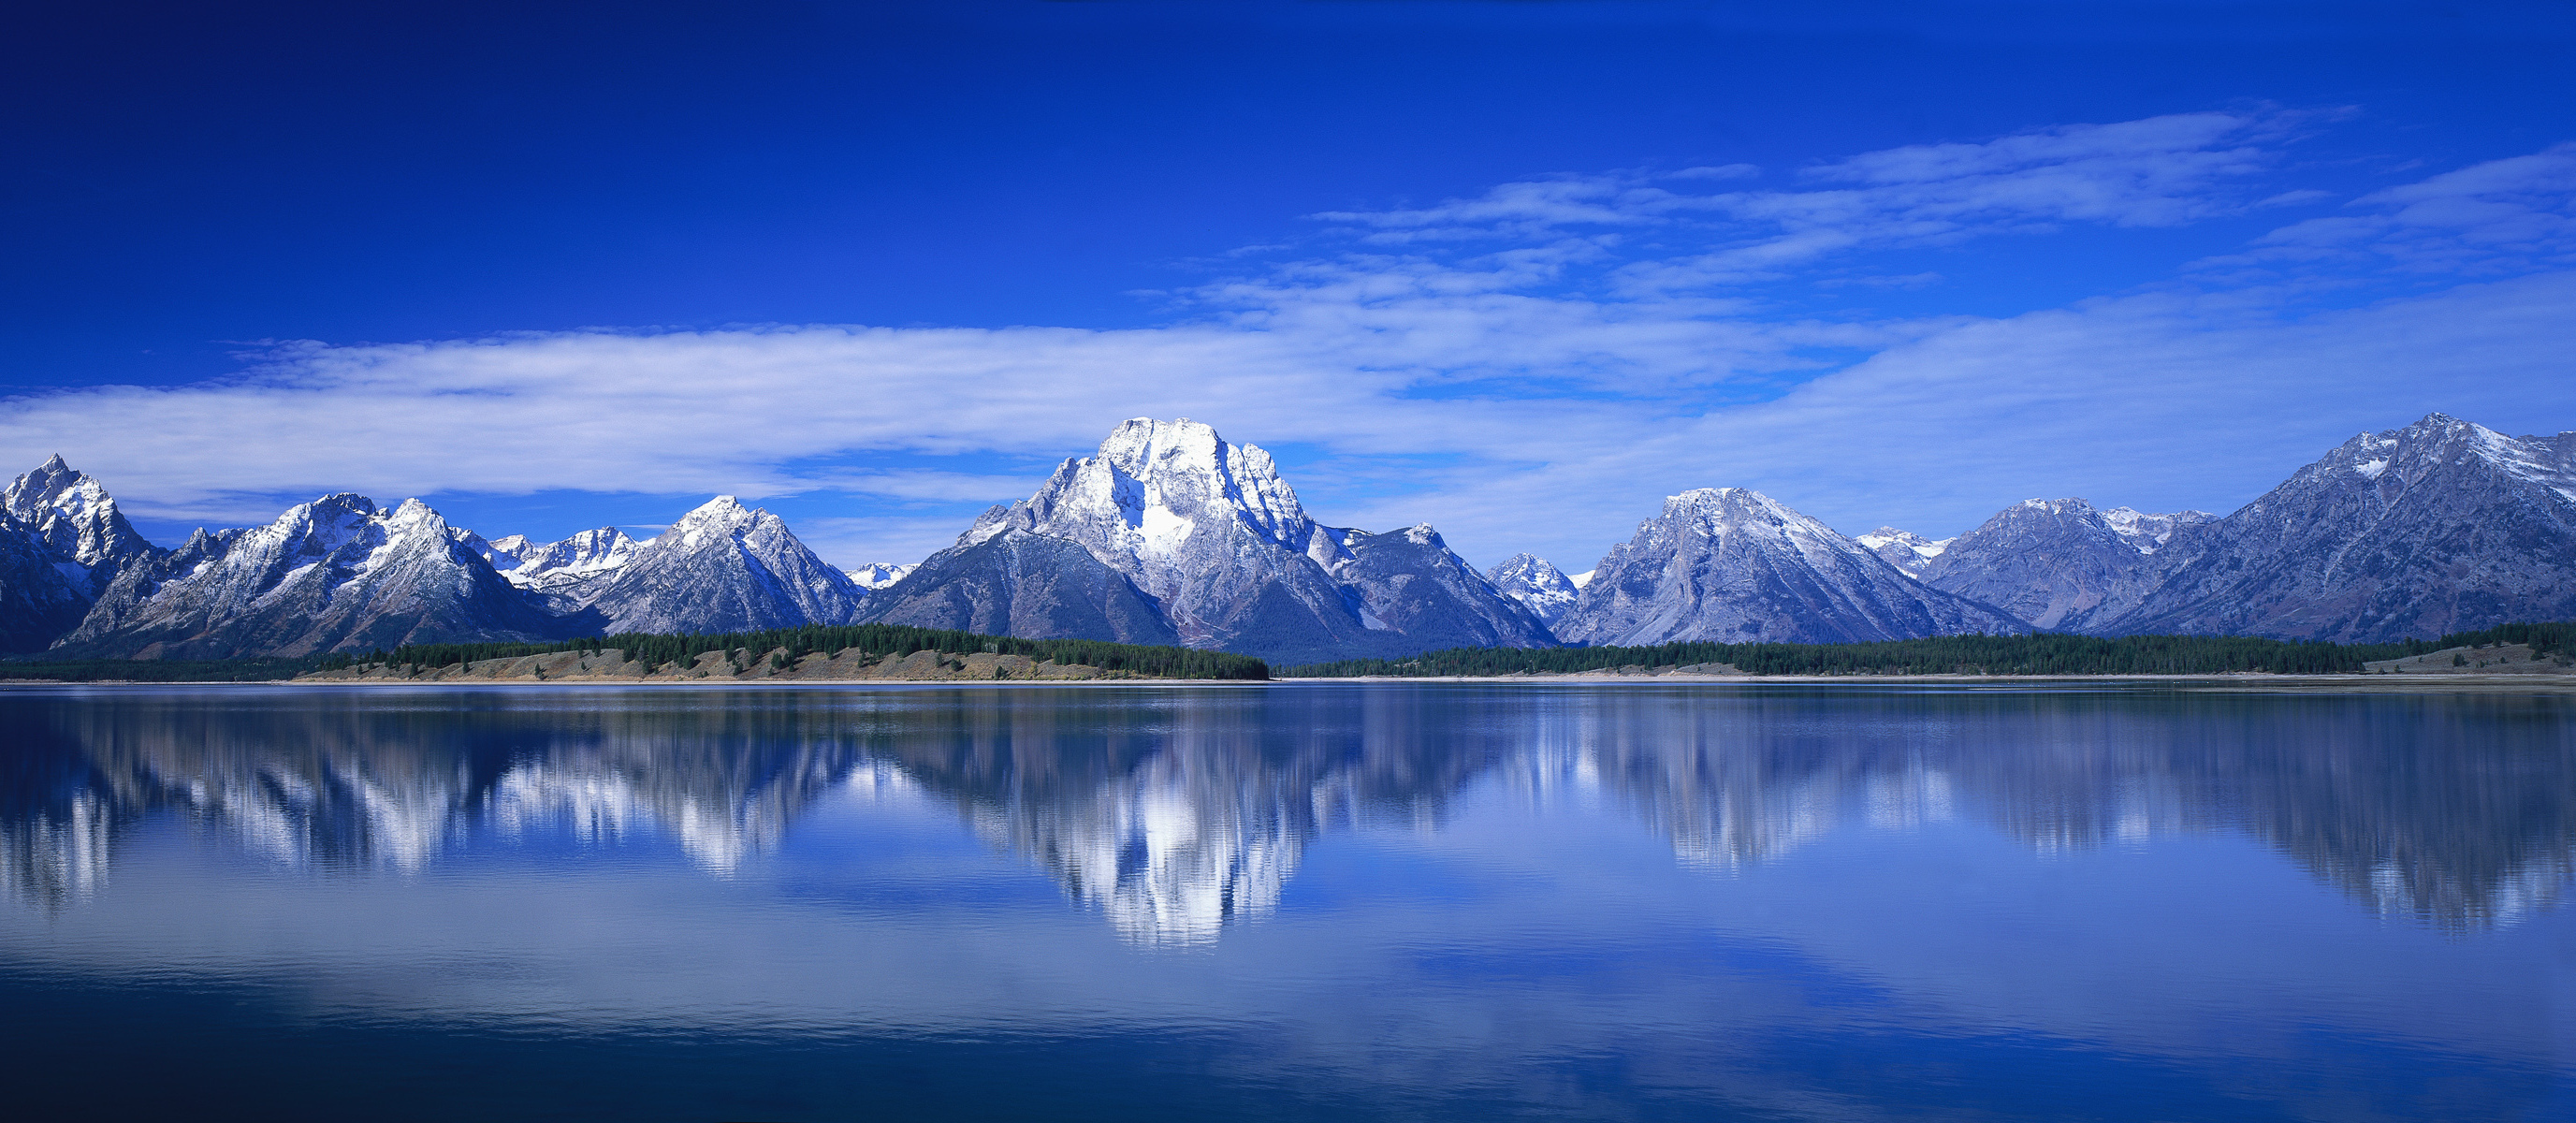 Озеро перед горой бесплатно